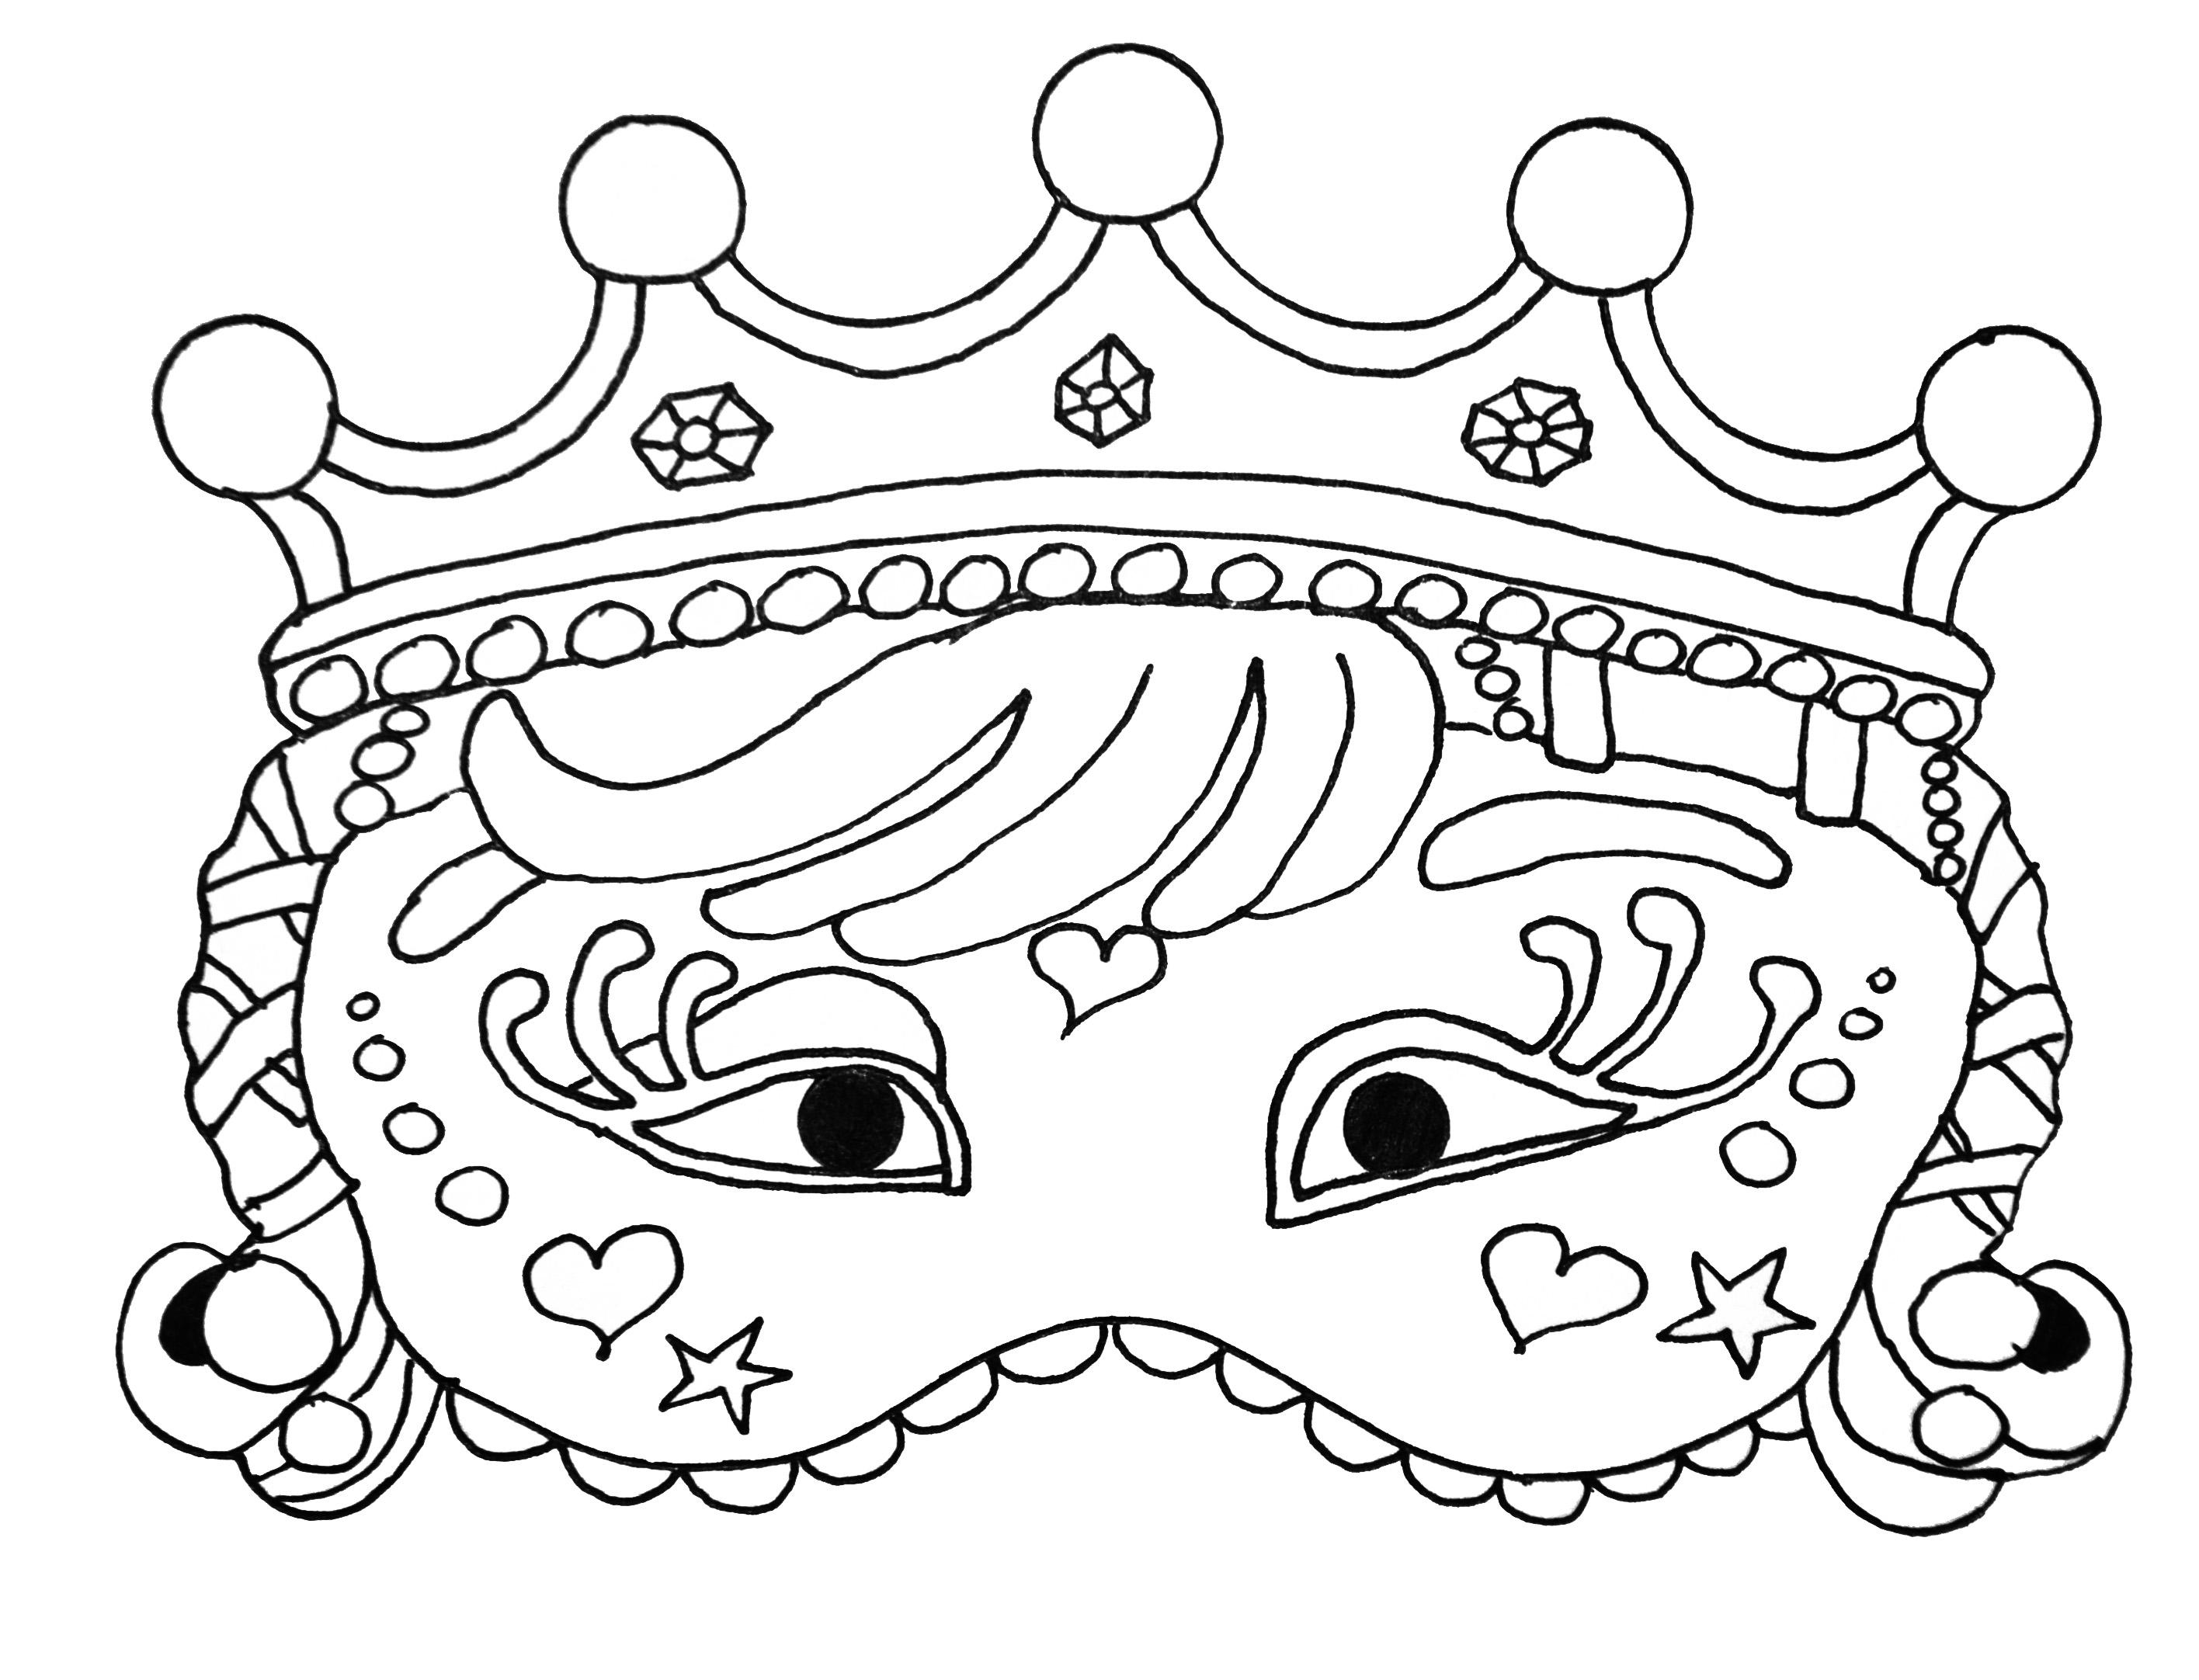 Enfants masque carnaval 2 coloriage de masques coloriages pour enfants - Masque de carnaval a imprimer ...